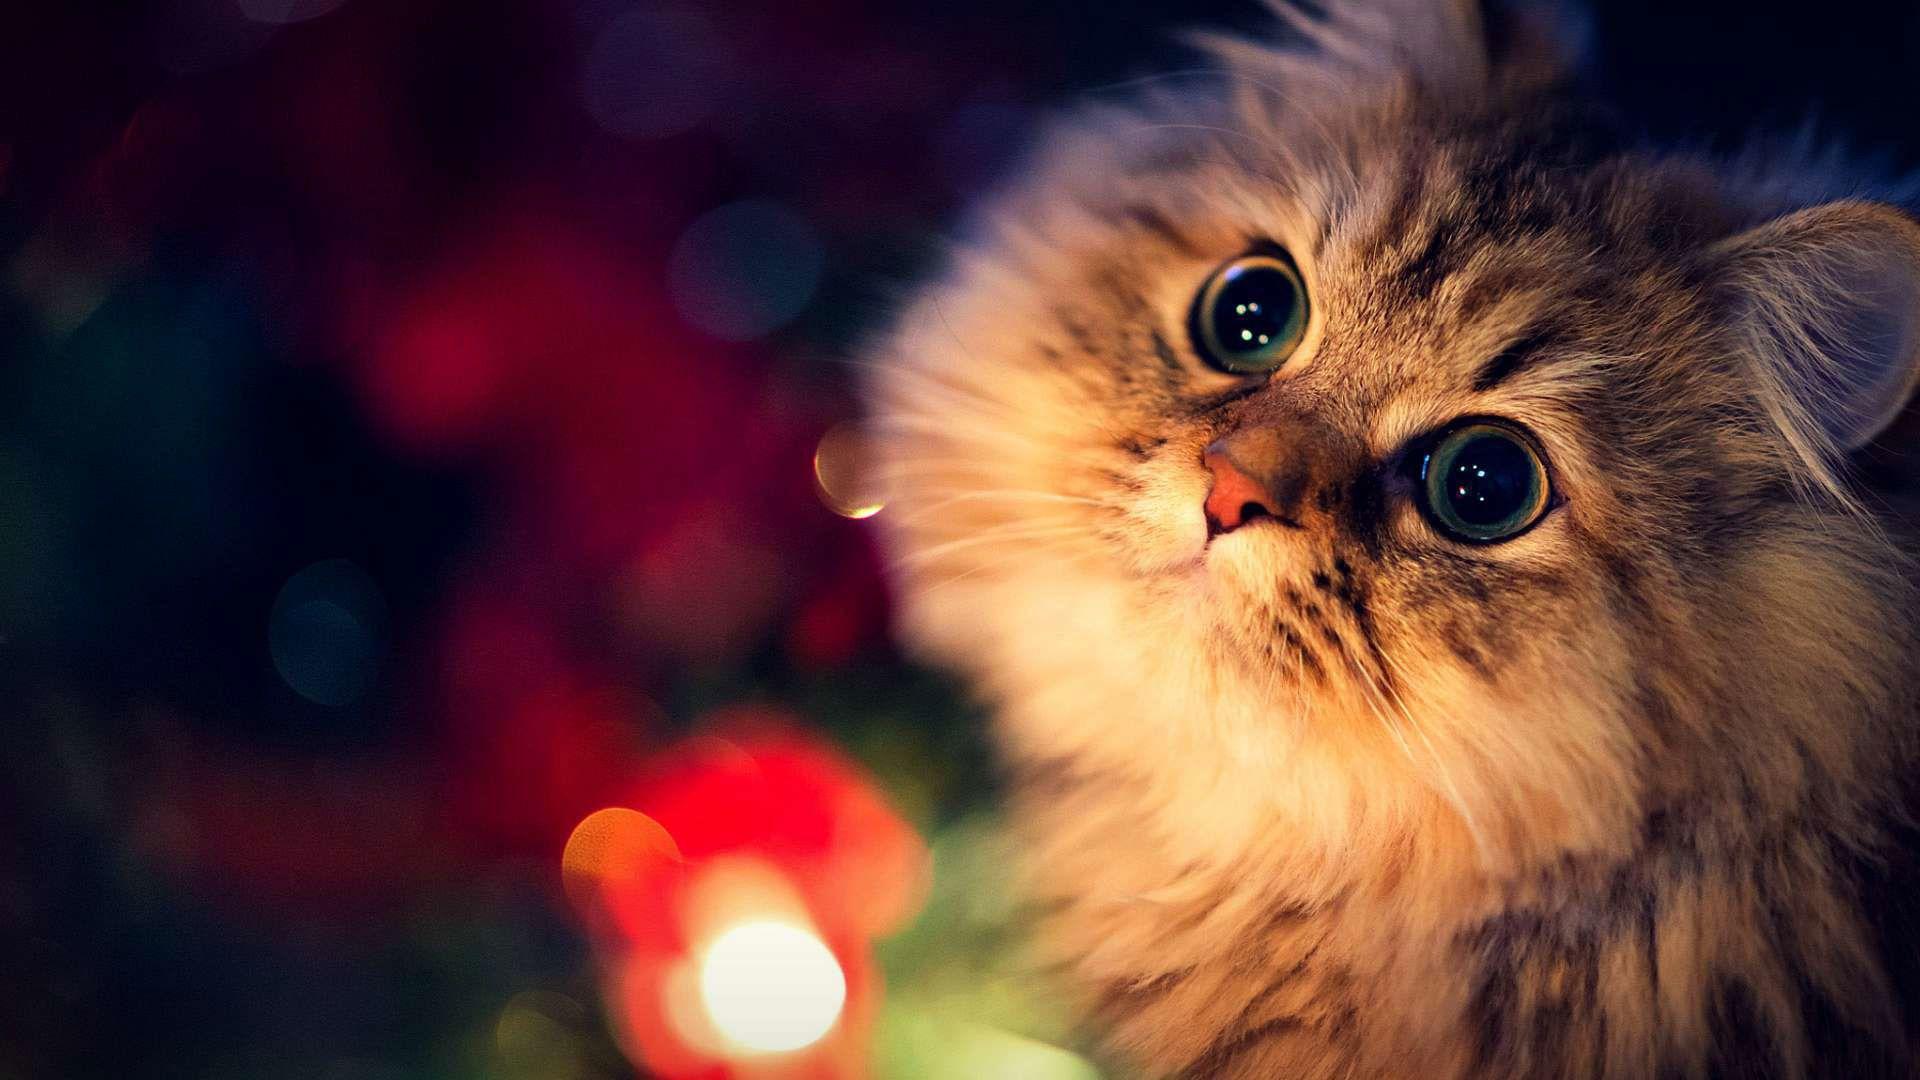 61 Christmas Cat Wallpapers On Wallpaperplay Sevimli Kediler Kedi